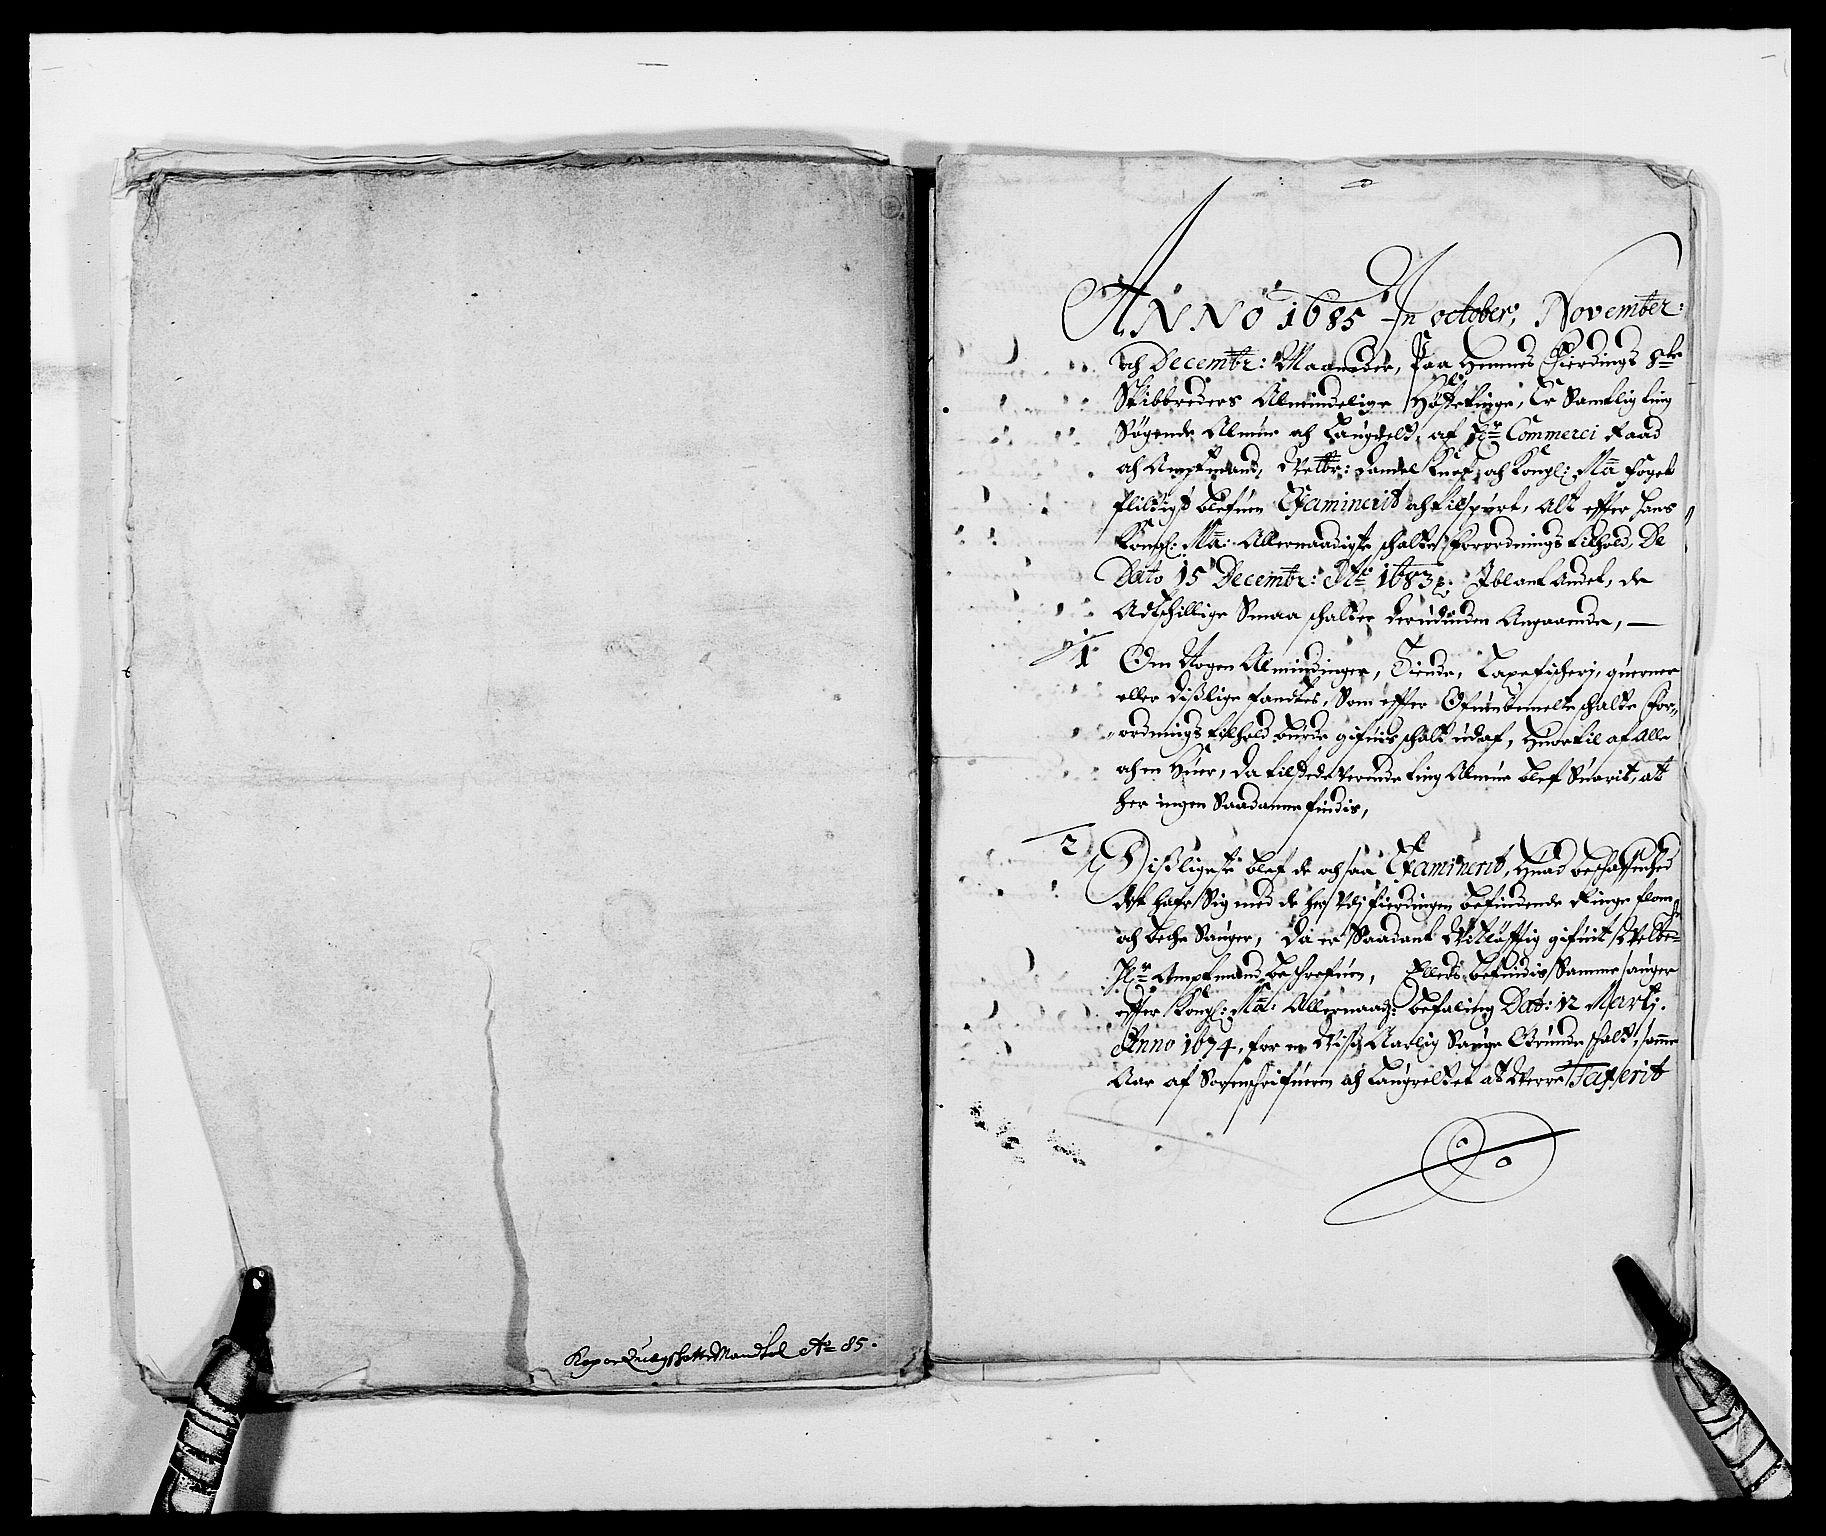 RA, Rentekammeret inntil 1814, Reviderte regnskaper, Fogderegnskap, R47/L2855: Fogderegnskap Ryfylke, 1685-1688, s. 104